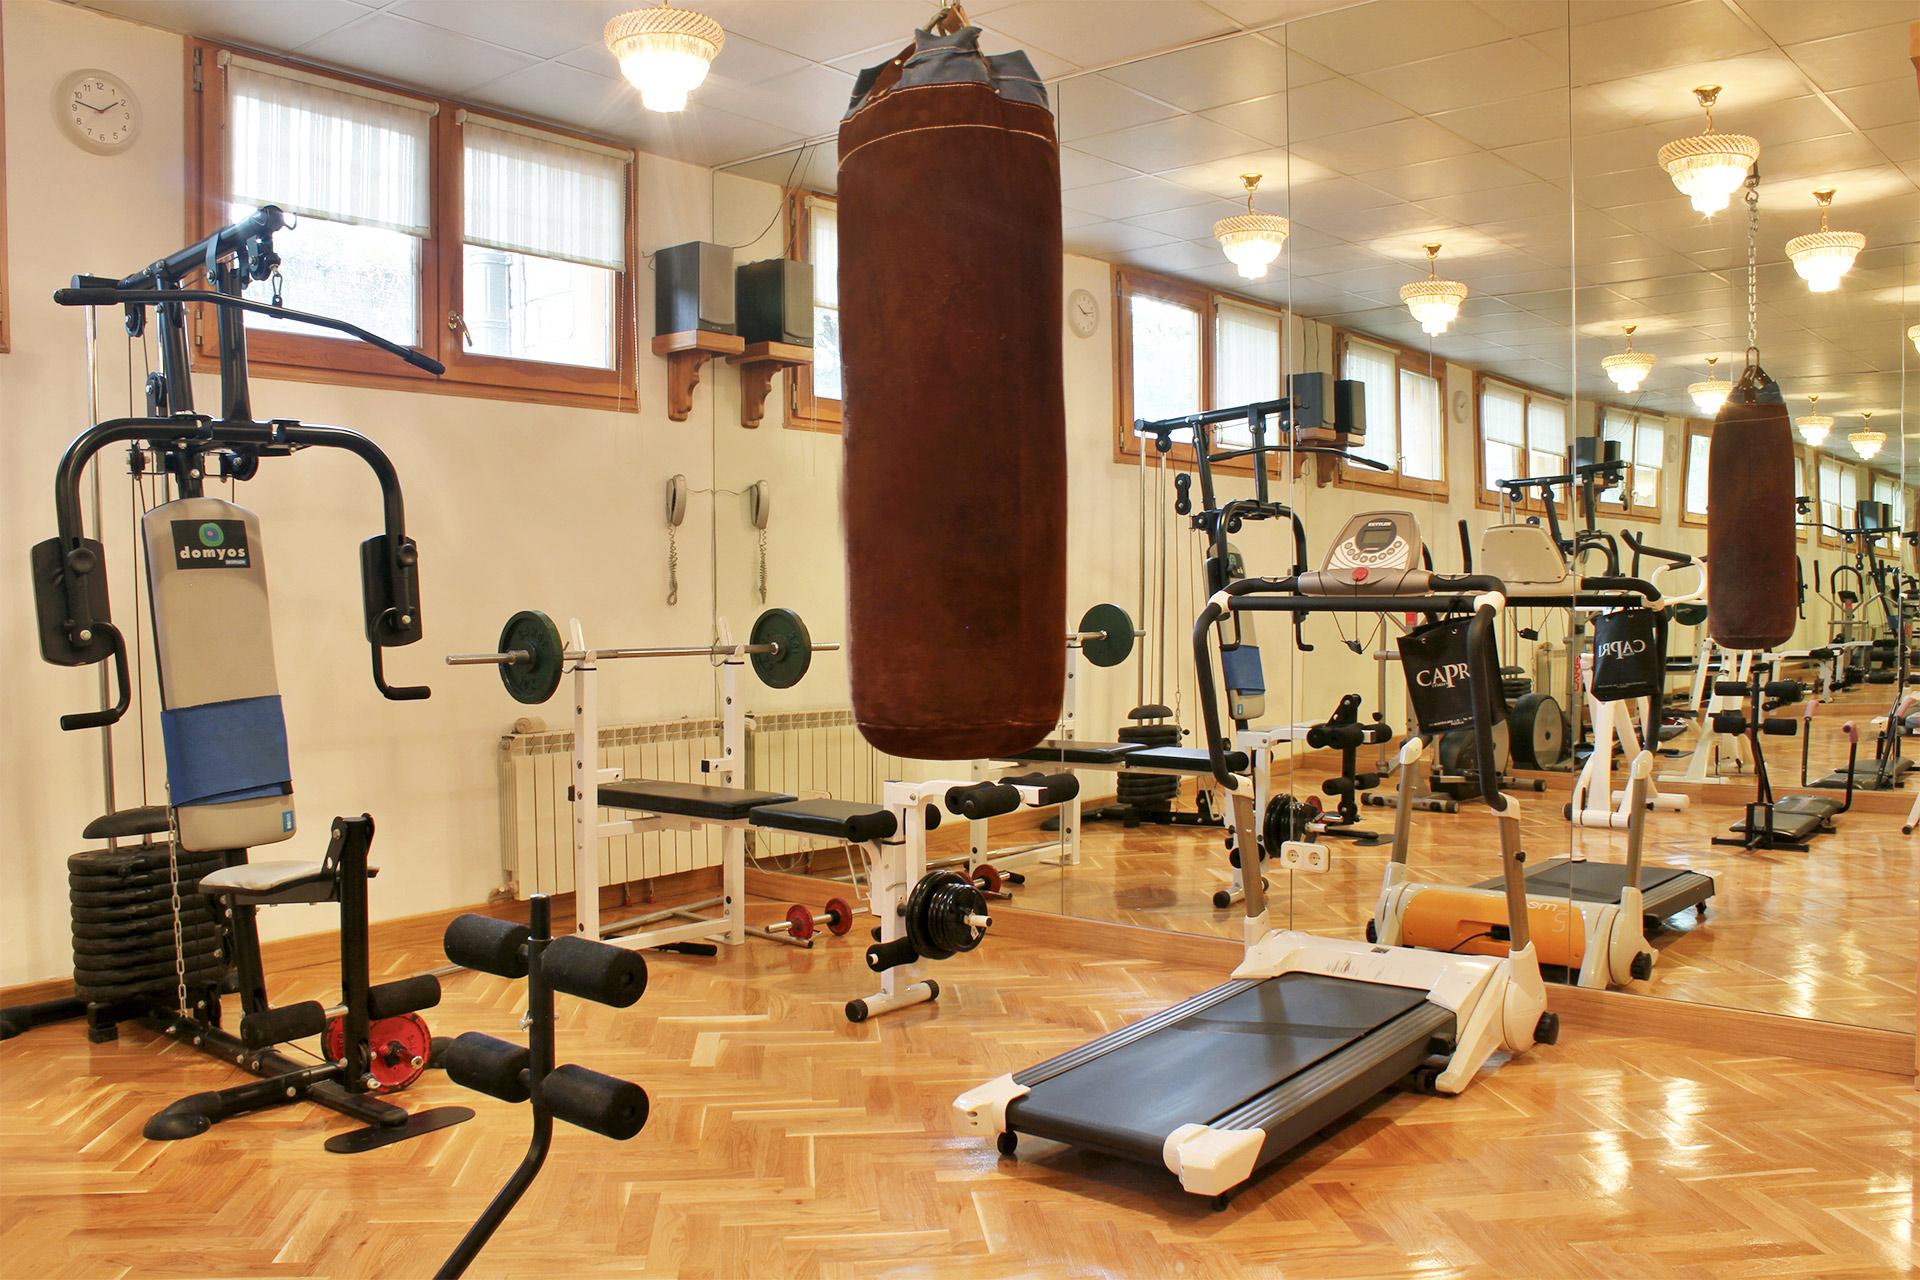 Te gusta el ejercicio haz un gimnasio en casa - Decoracion gimnasio ...